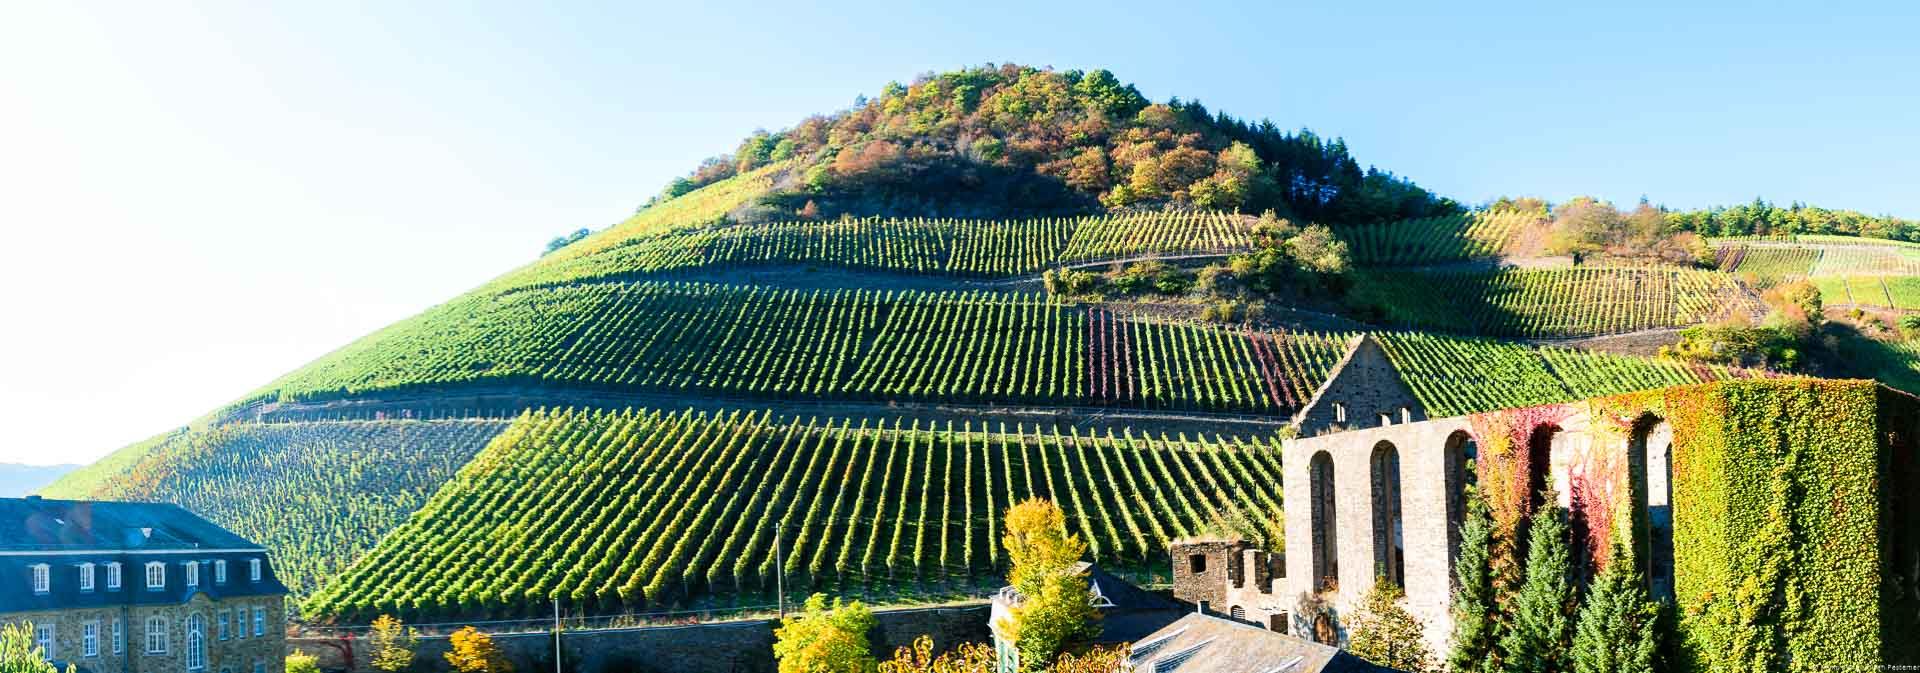 Hinter der alten Klosterruine erhebt sich der imposante Weinberg Marientaler Klostergarten. Auf diesem stehen vor allem Spätburgunder-Reben.